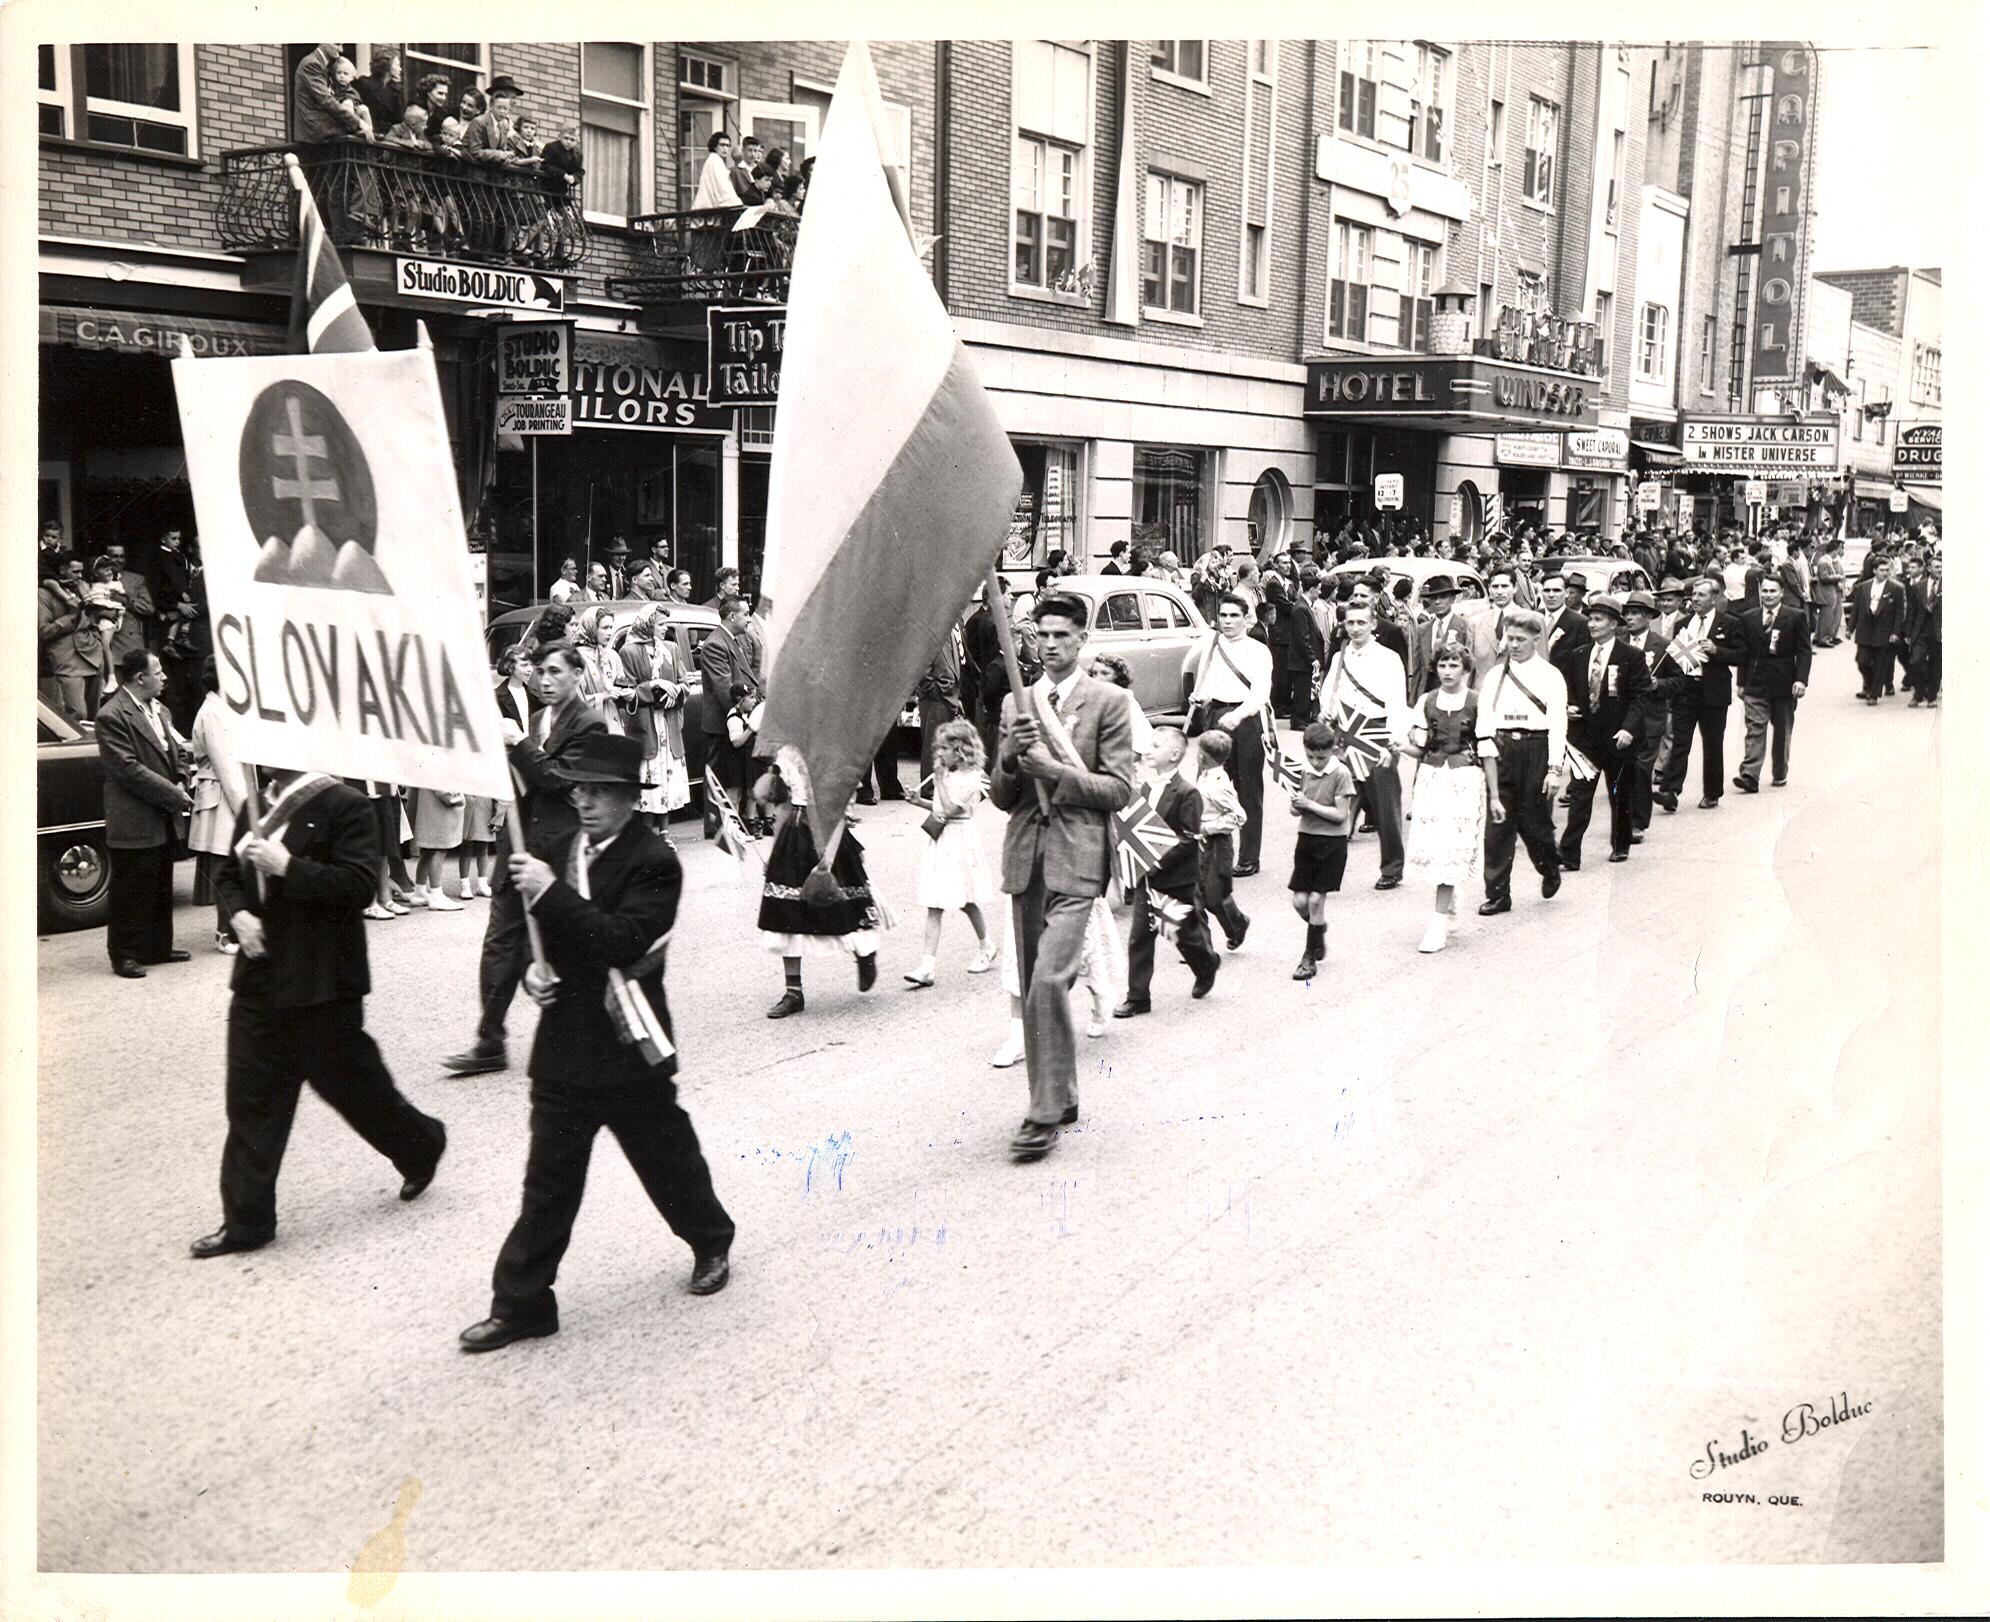 Photographie en noir et blanc d'environ vingt-cinq personnes qui défilent, devant une foule sur le trottoir de la rue Principale, avec une affiche portant l'inscription Slovakia surmonté du blason national et d'un drapeau de la Slovaquie.